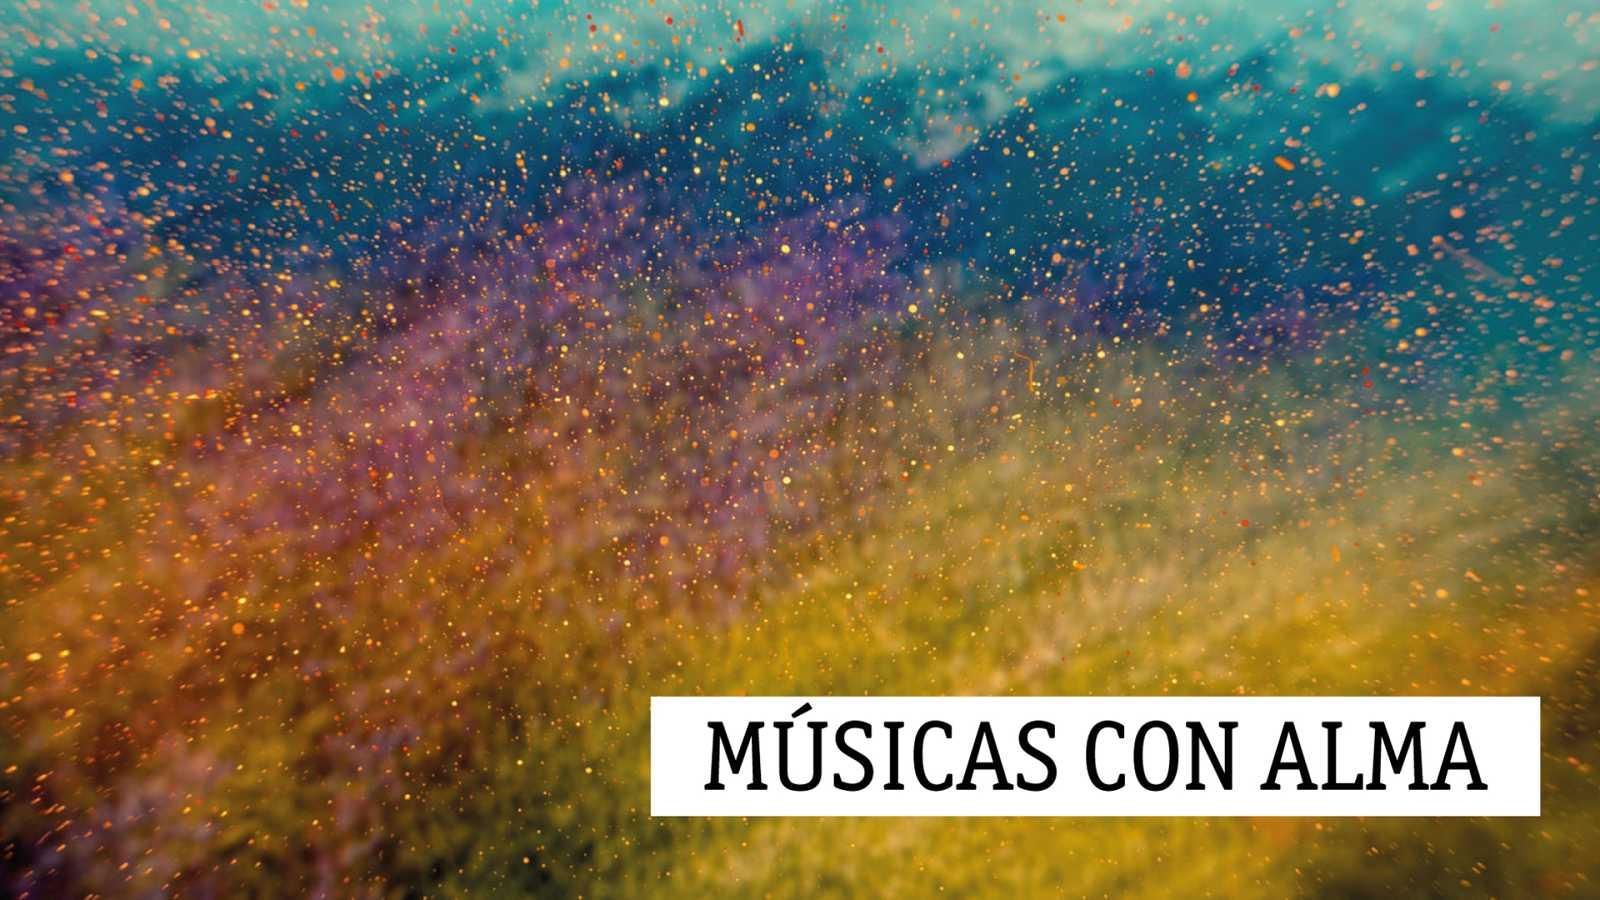 Músicas con alma - Las flechas del amor - 12/02/21 - escuchar ahora